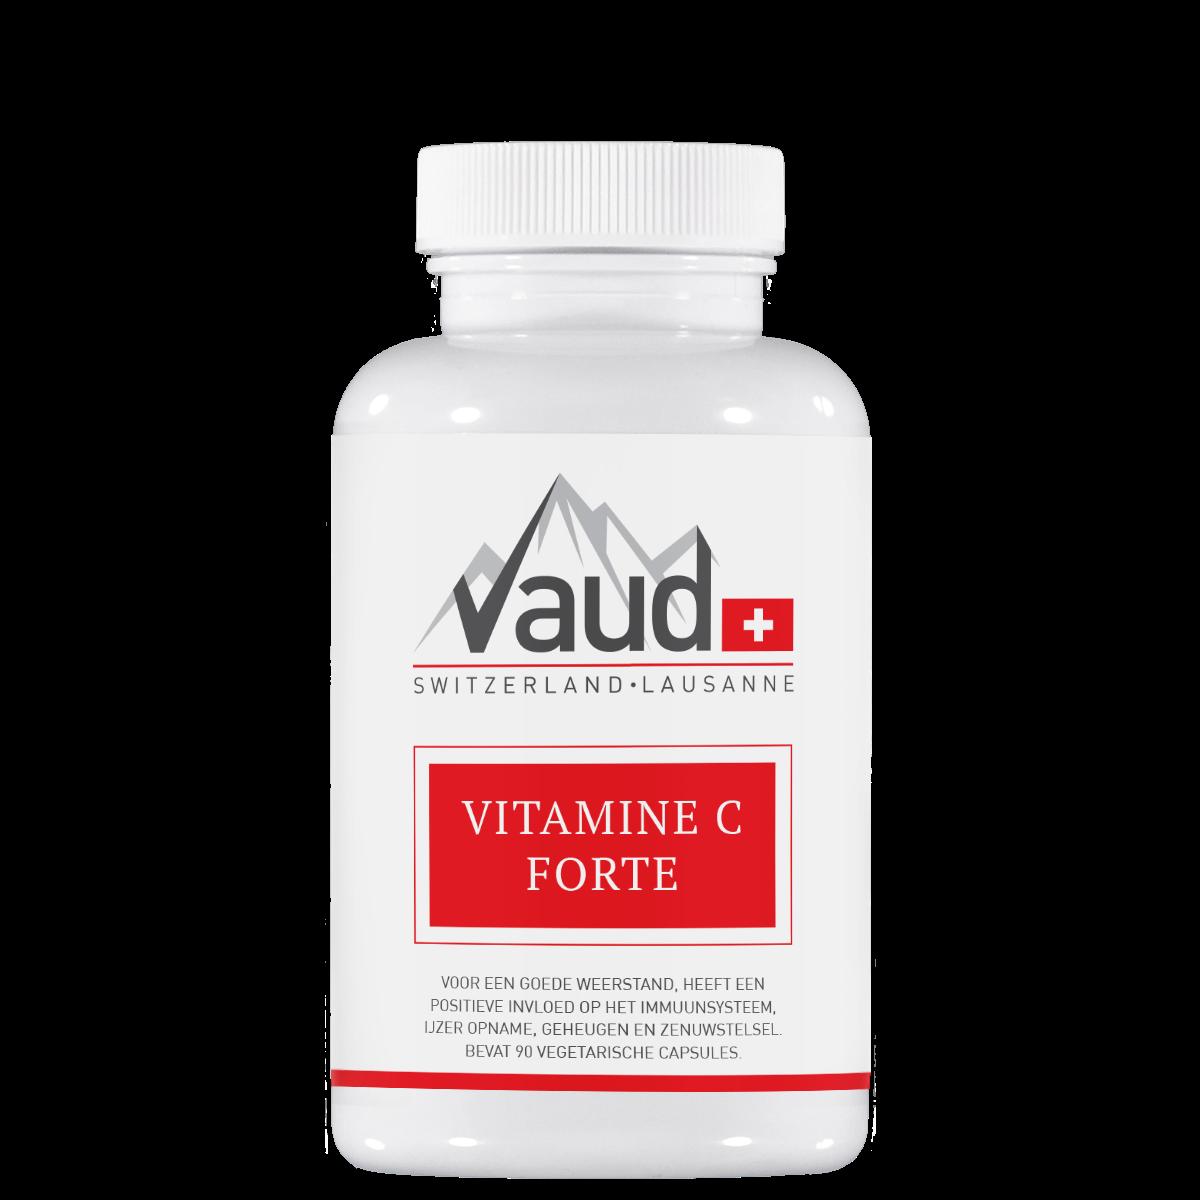 vitamine-c-forte-vaud